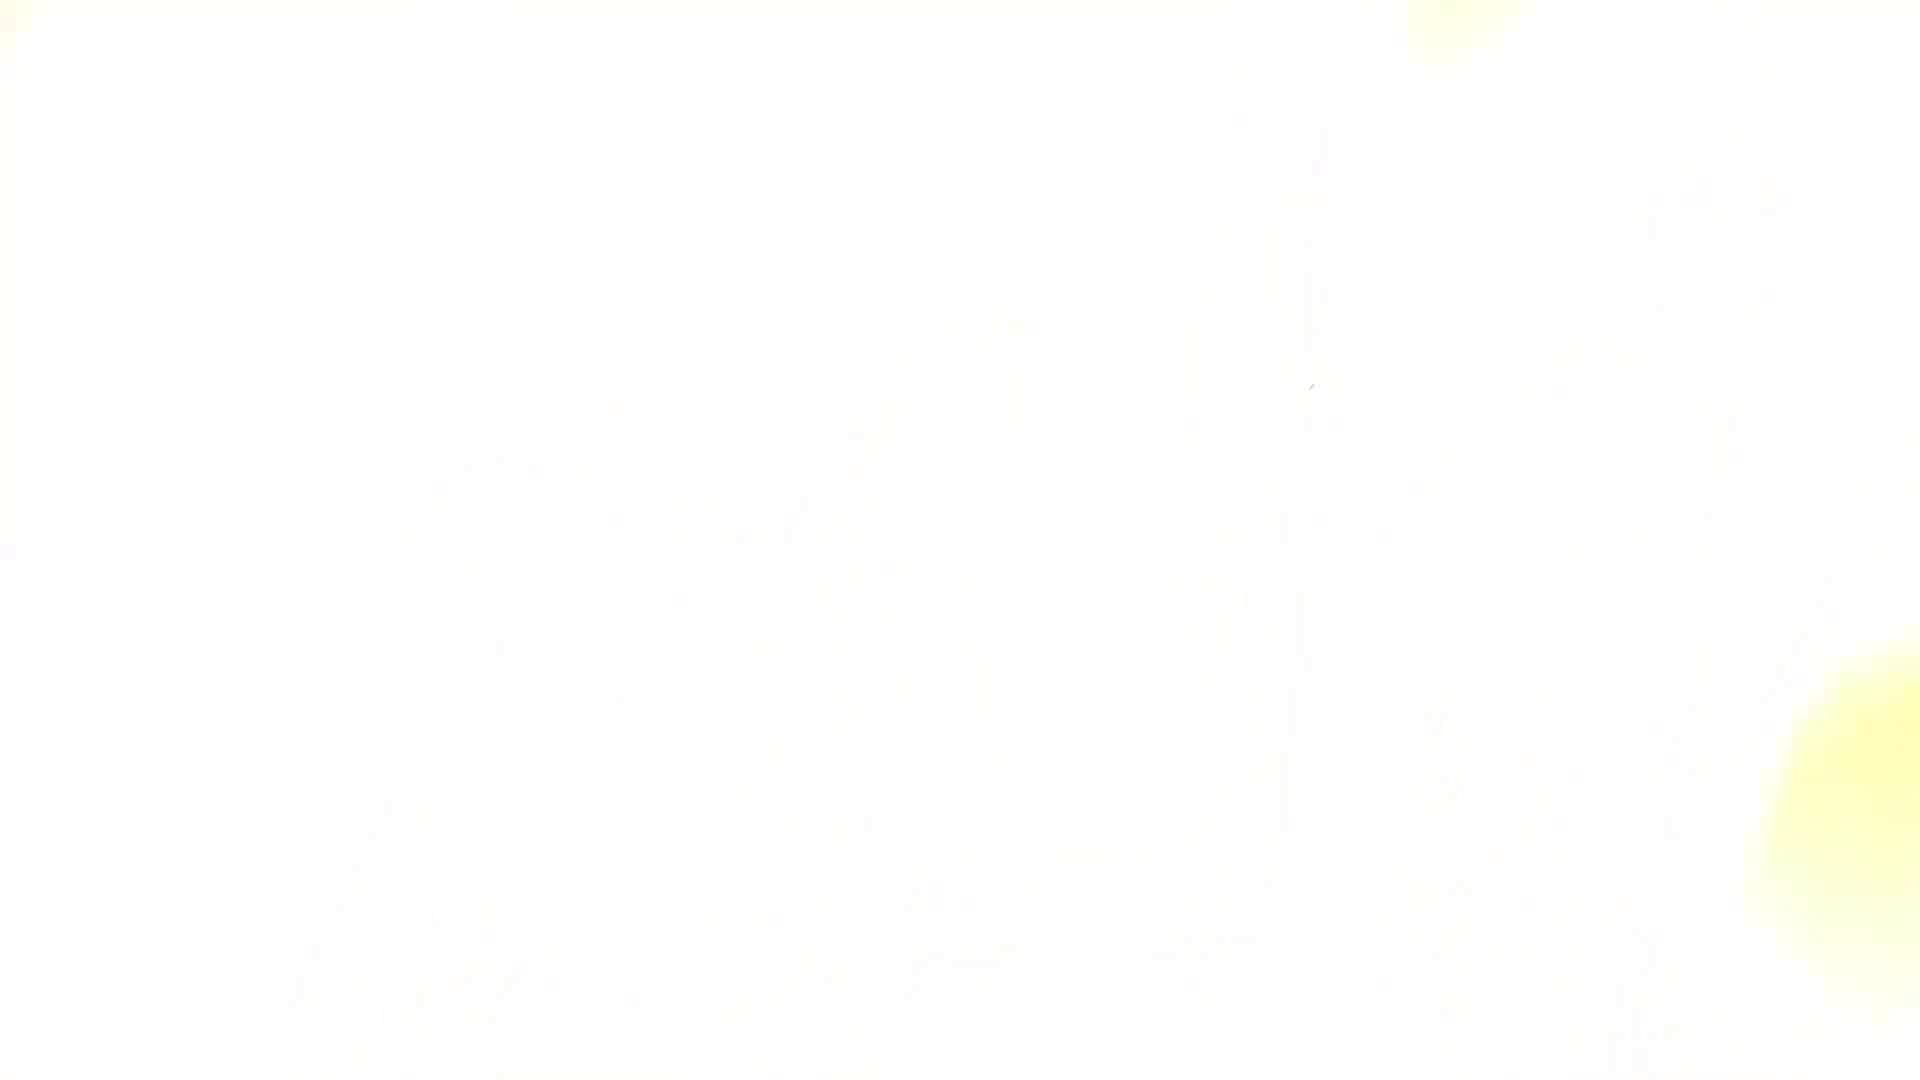 ヒトニアラズvol.11 紅 崩 値下げ | 高画質  86枚 43